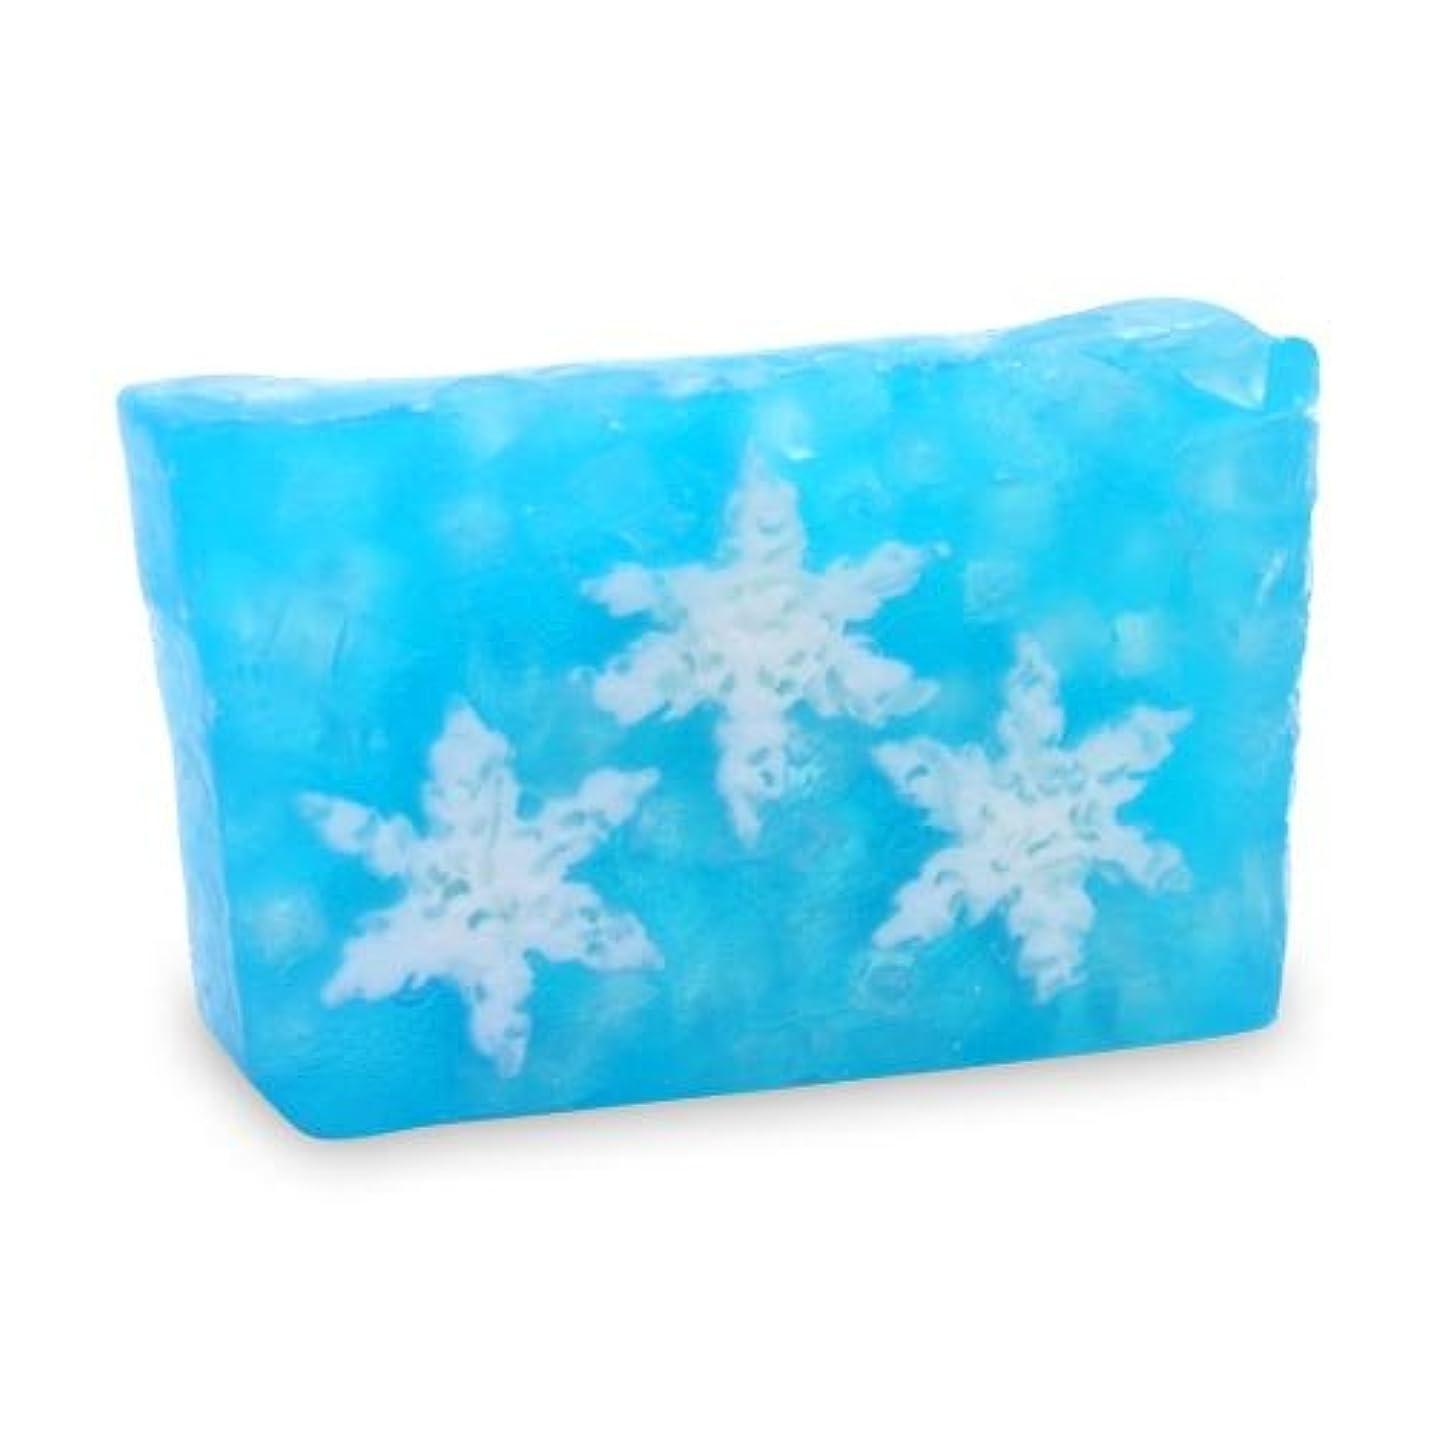 甘くするエチケットプラスチックプライモールエレメンツ アロマティック ソープ スノーフレーク 180g 植物性 ナチュラル 石鹸 無添加